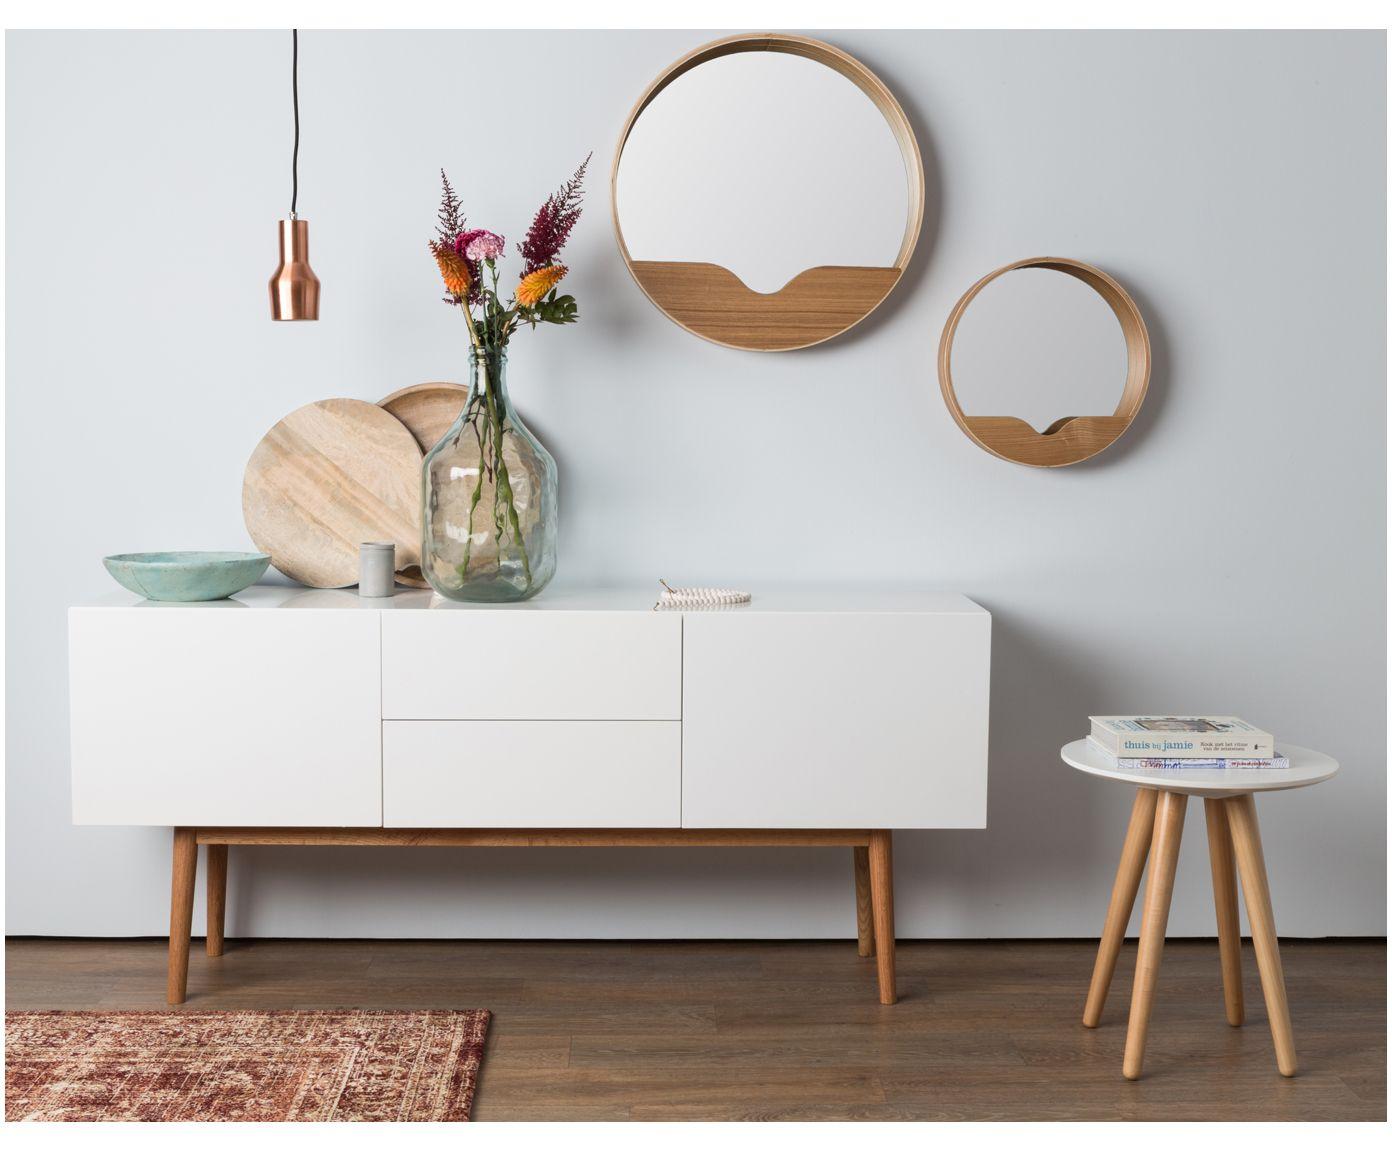 Wohnzimmer spiegelmöbel affiliatelink  wandspiegel round wall skandinavisch design